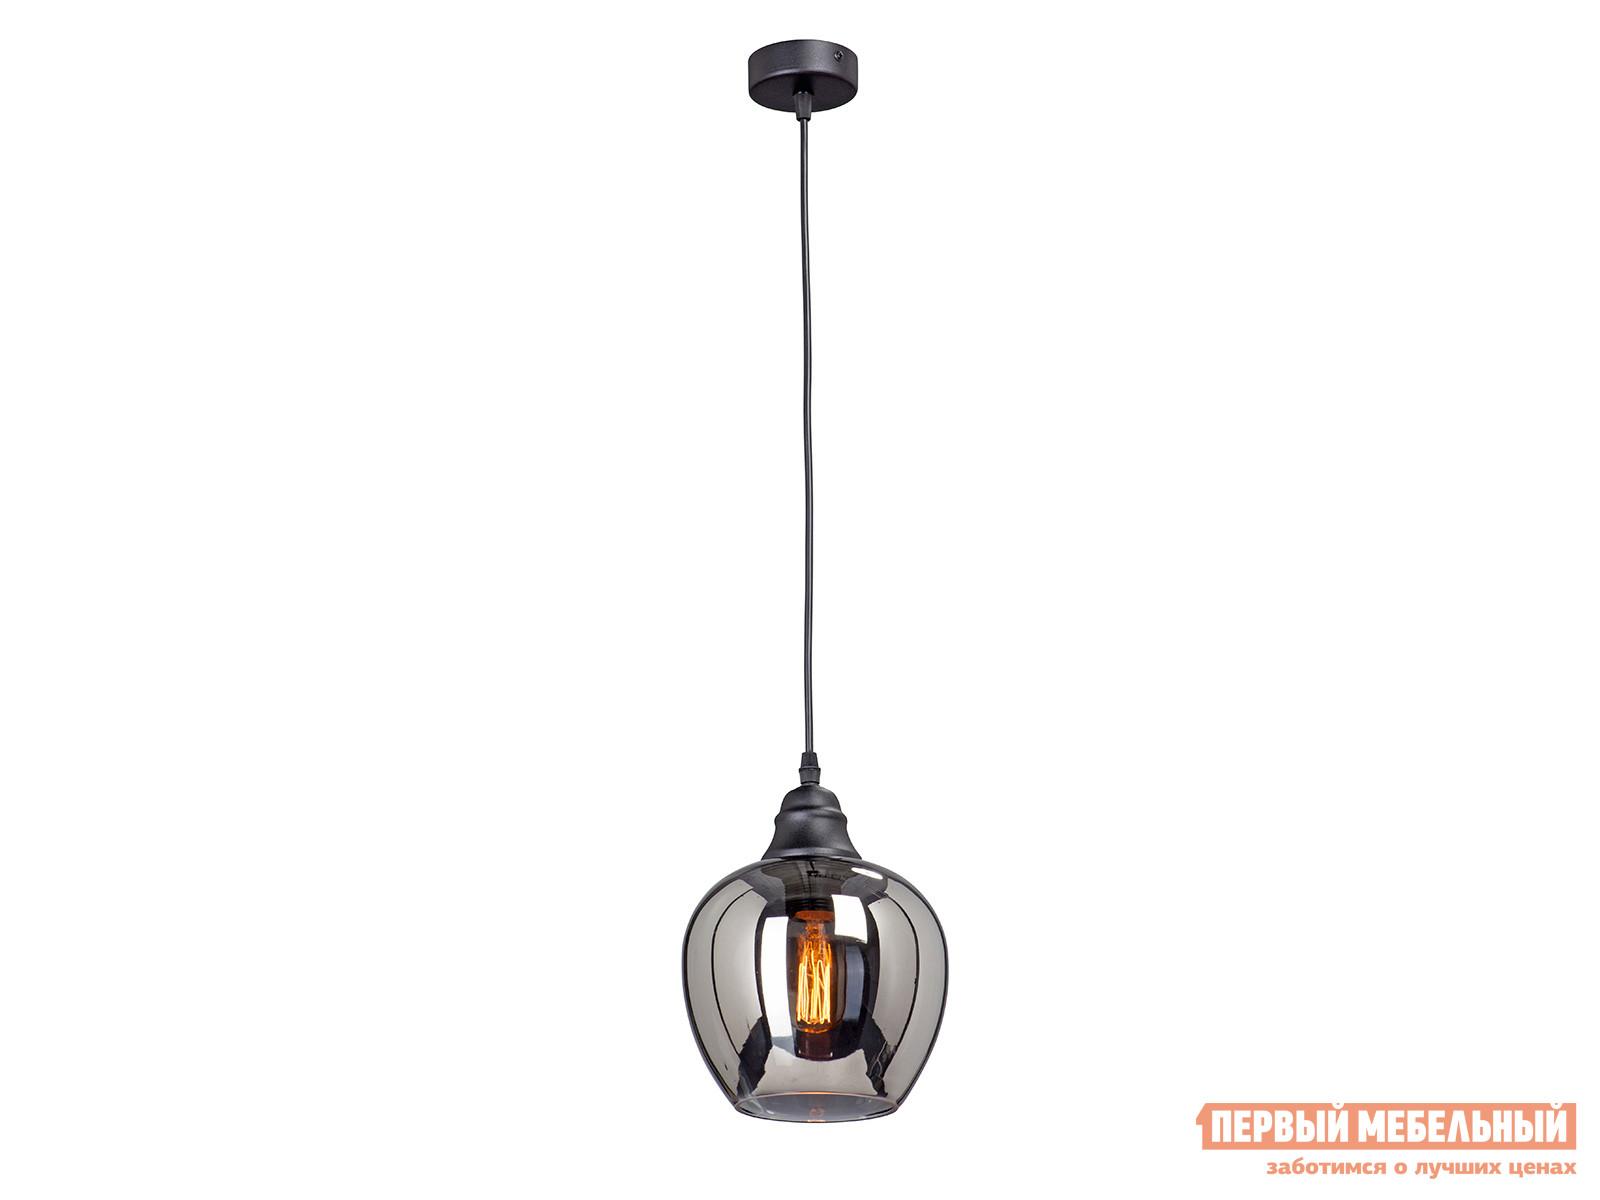 Подвесной светильник КСК-электро Люстра V4251-9/1S